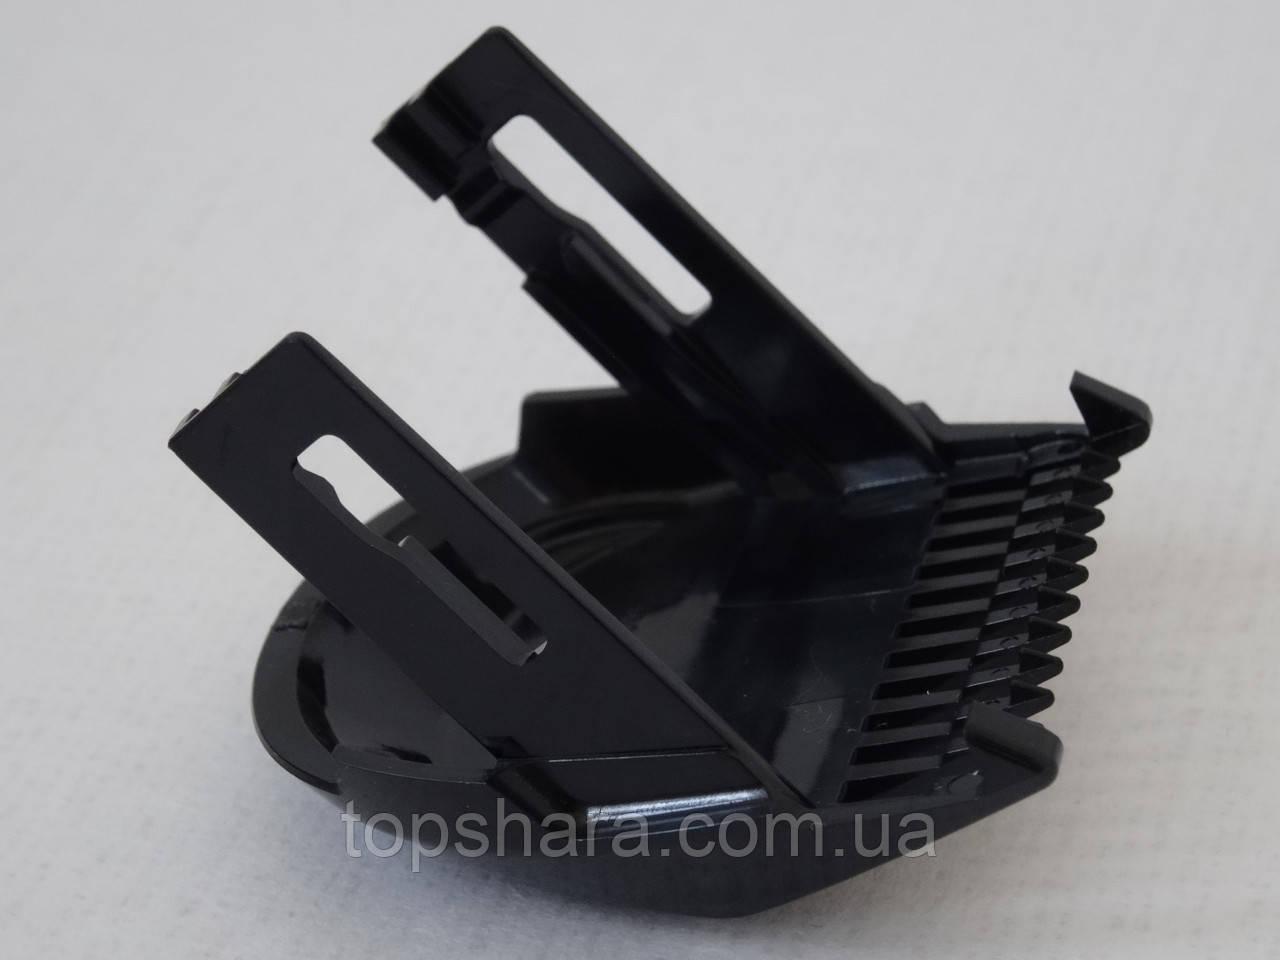 Насадка для короткой стрижки машинки для стрижки Philips HC5610/15